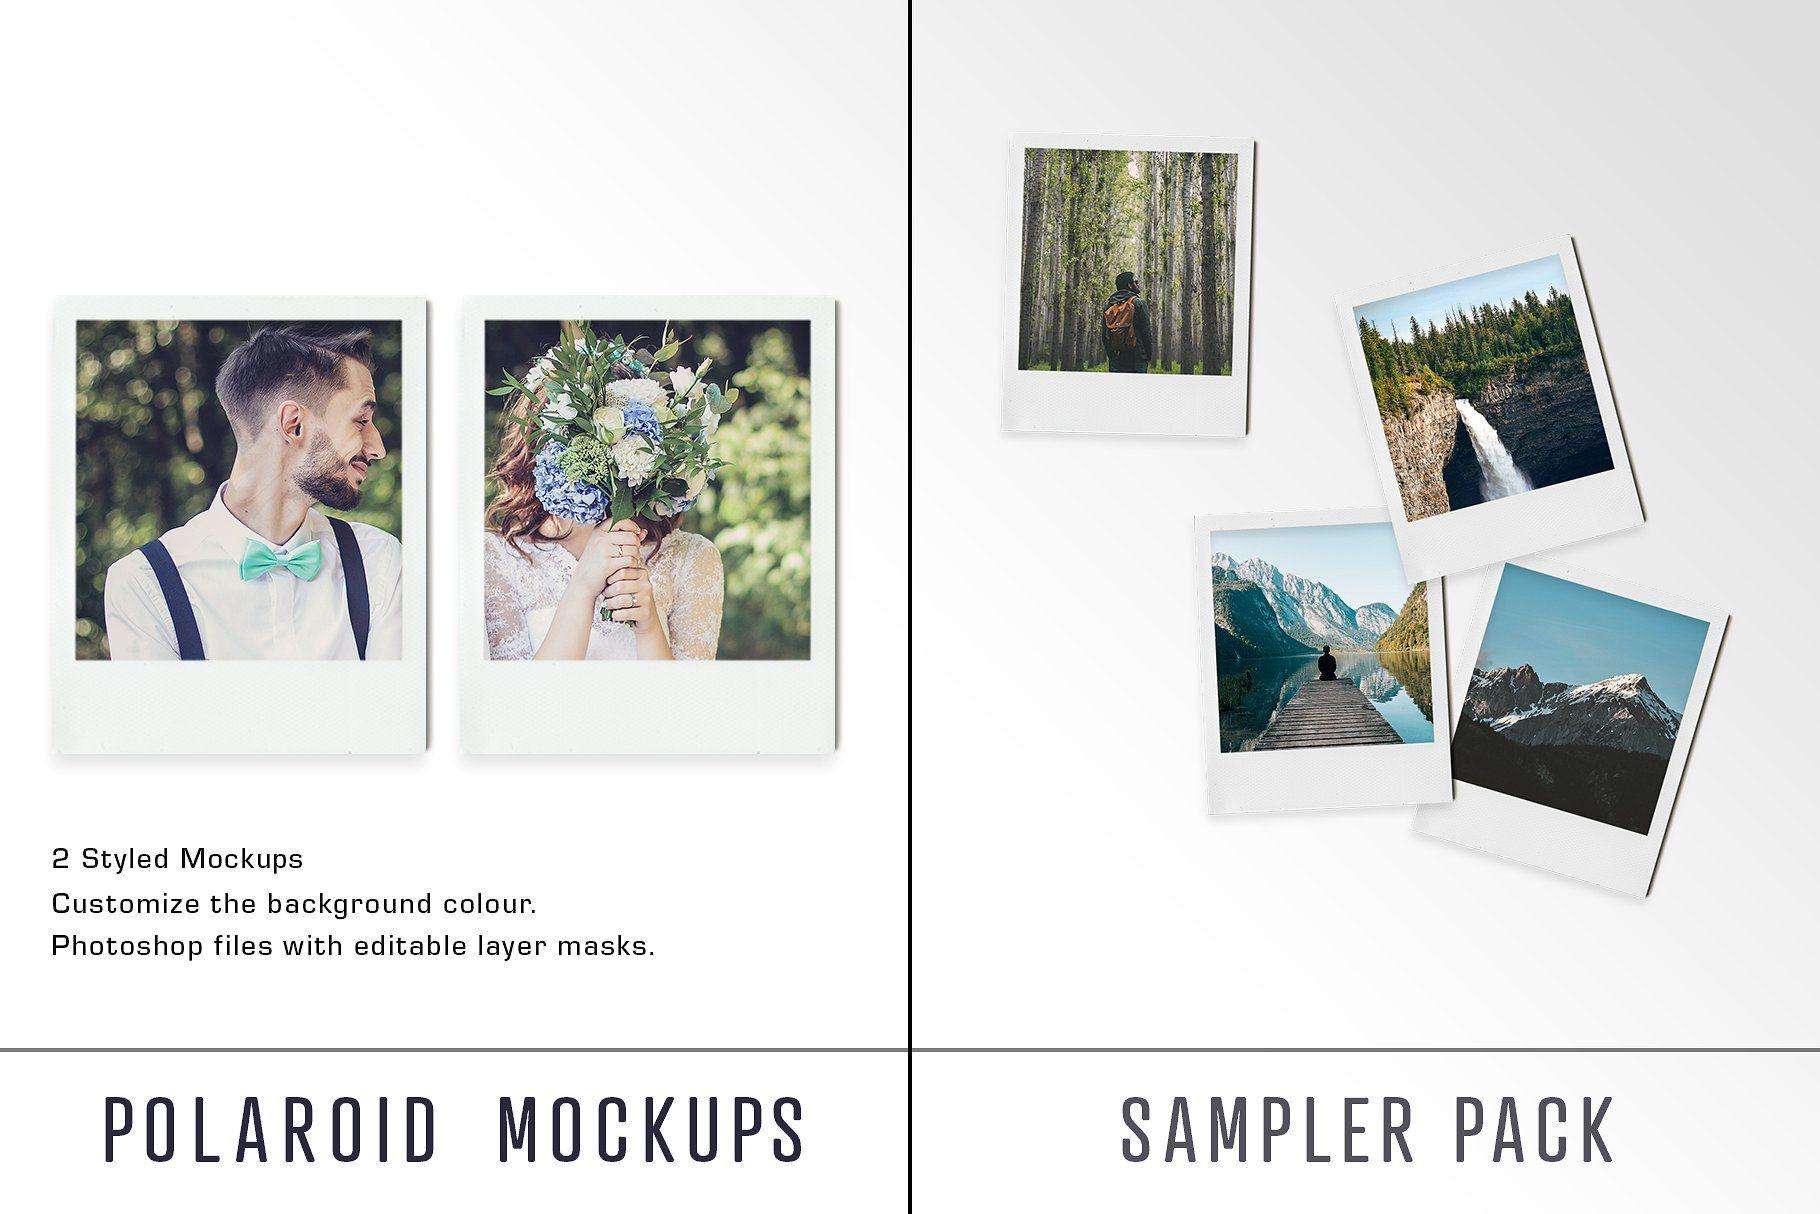 Polaroid Mockup Sampler Pack Ups Mock Polaroid True Mockup Free Psd Mockup Mockup Psd